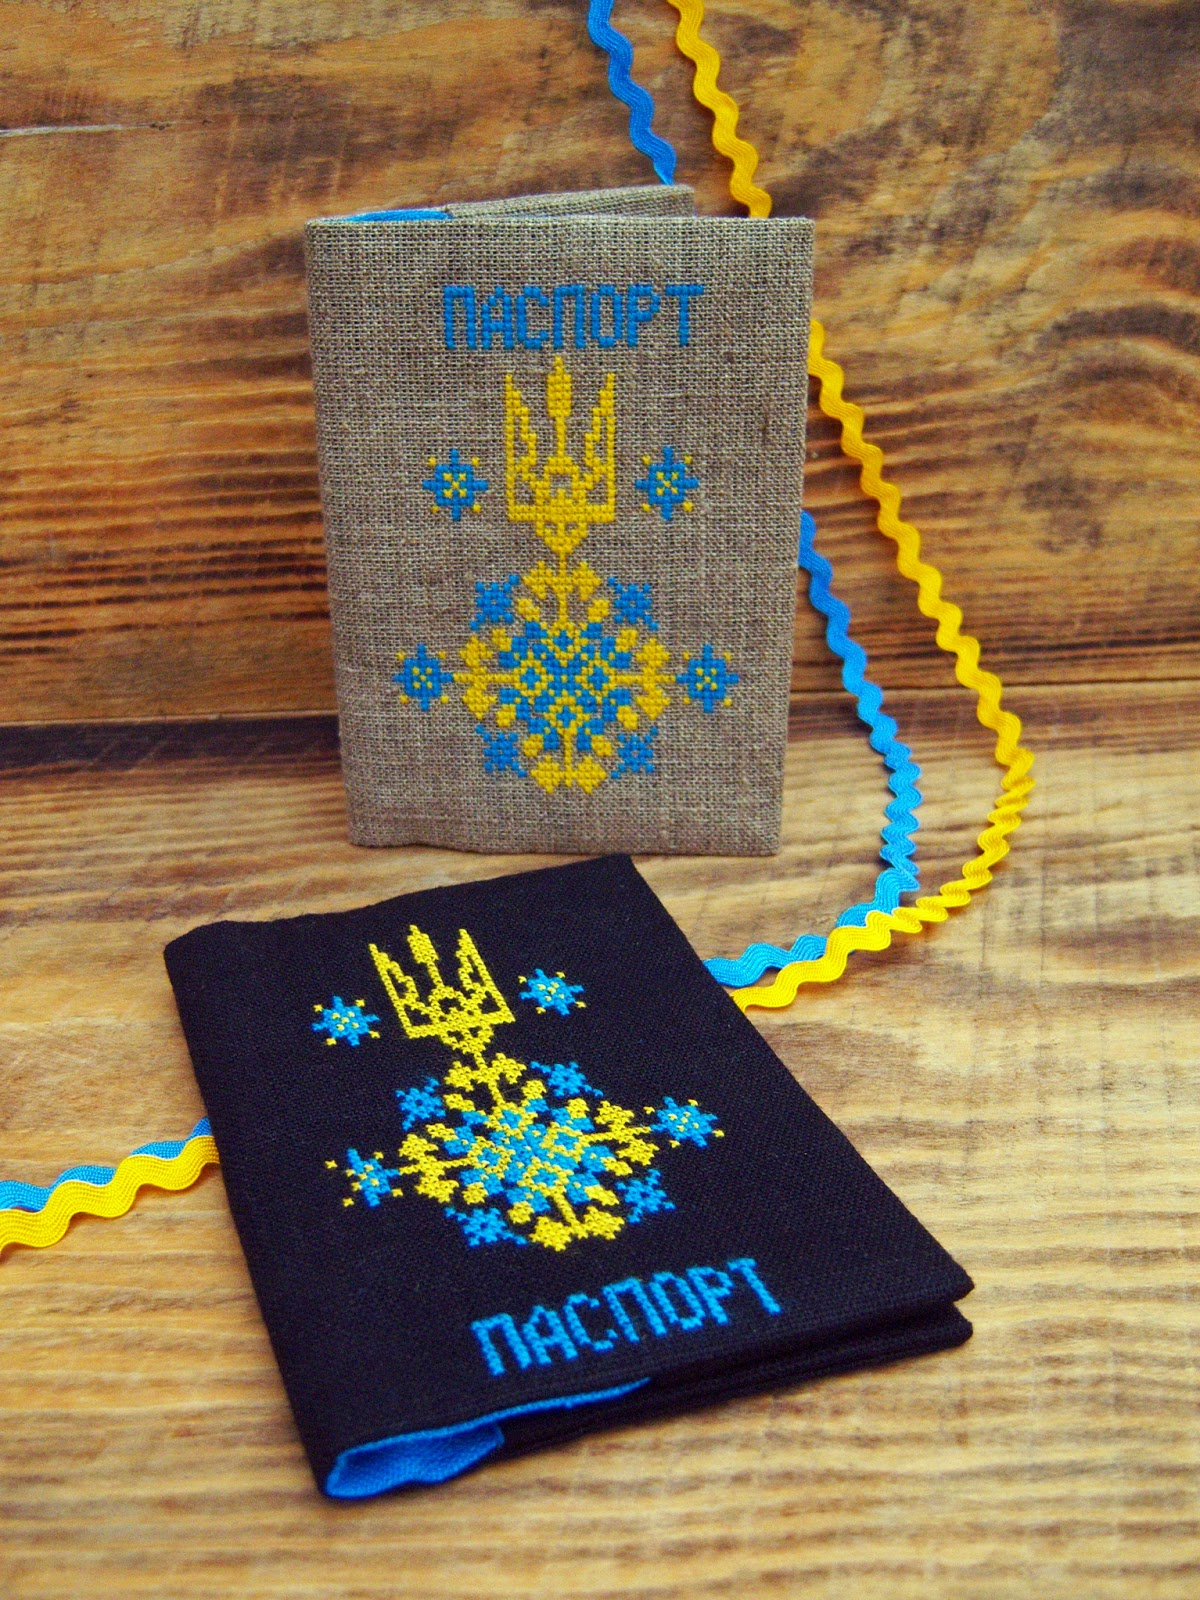 Свою першу публікацію в цьому блозі хочу розпочати обкладиноками на паспорт  з вишивкою (за авторською схемою) 6096c5b4564c8